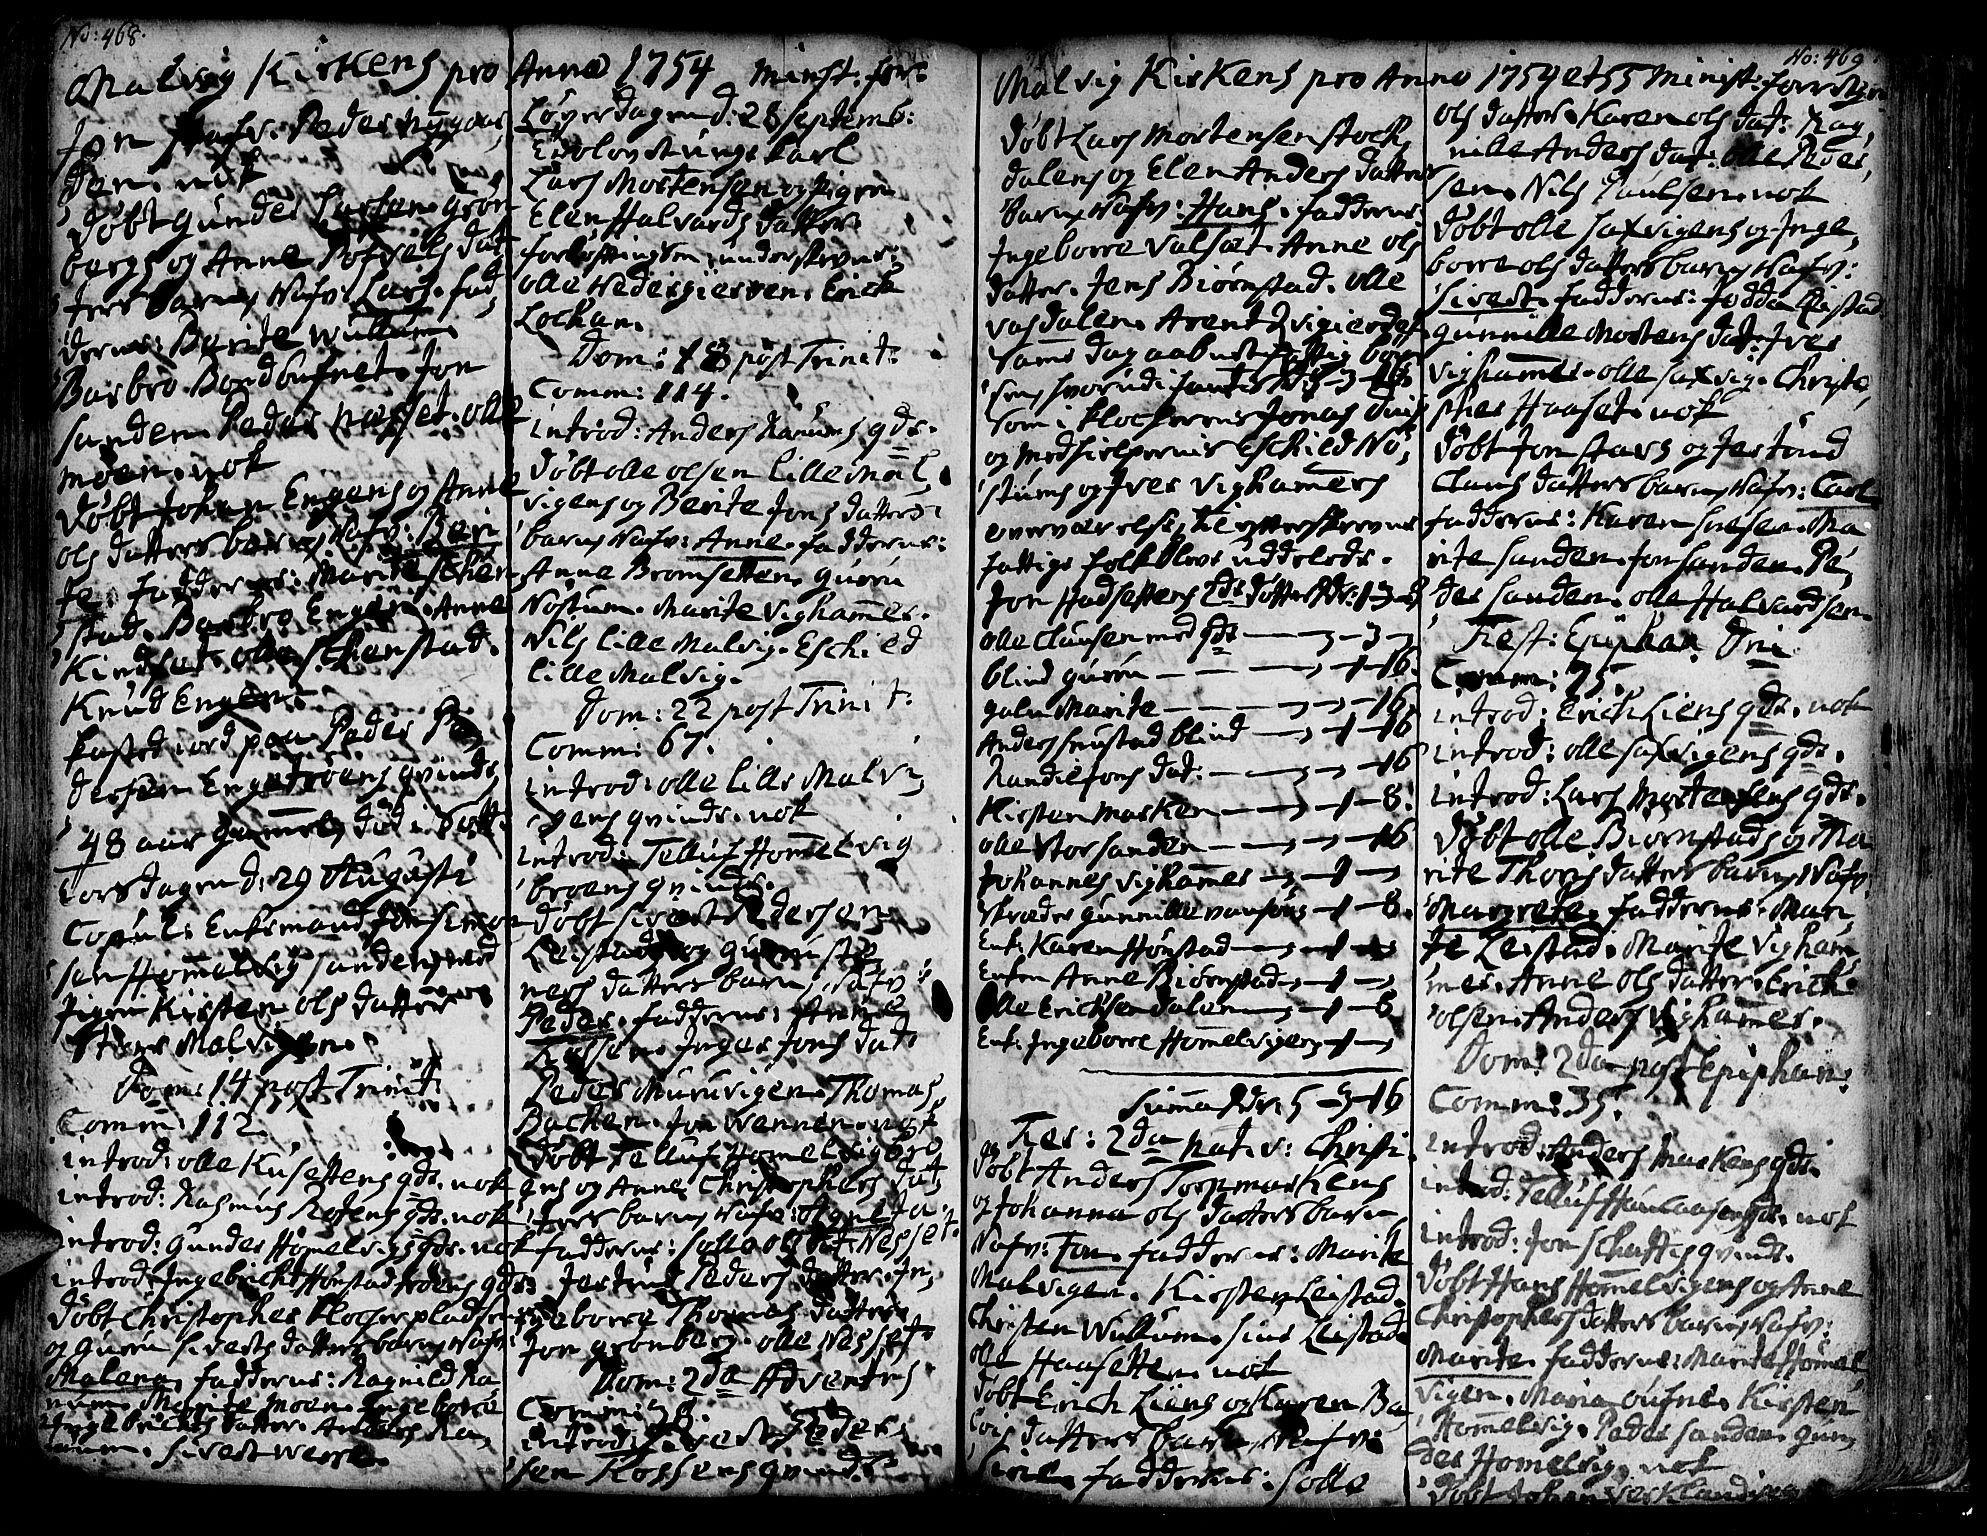 SAT, Ministerialprotokoller, klokkerbøker og fødselsregistre - Sør-Trøndelag, 606/L0277: Ministerialbok nr. 606A01 /3, 1727-1780, s. 468-469